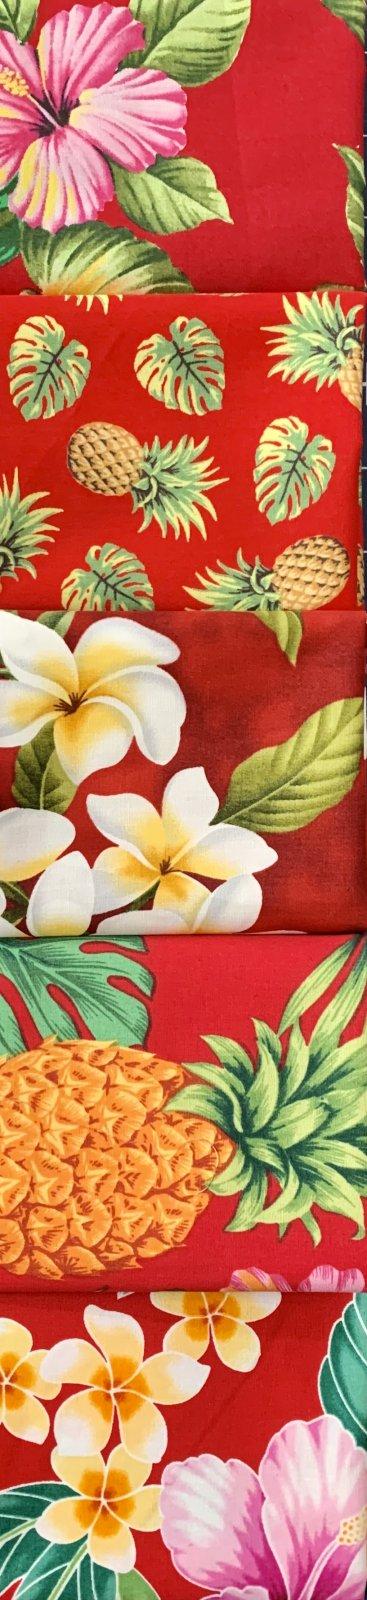 Red Hawaiian Floral Fat Quarter Bundle